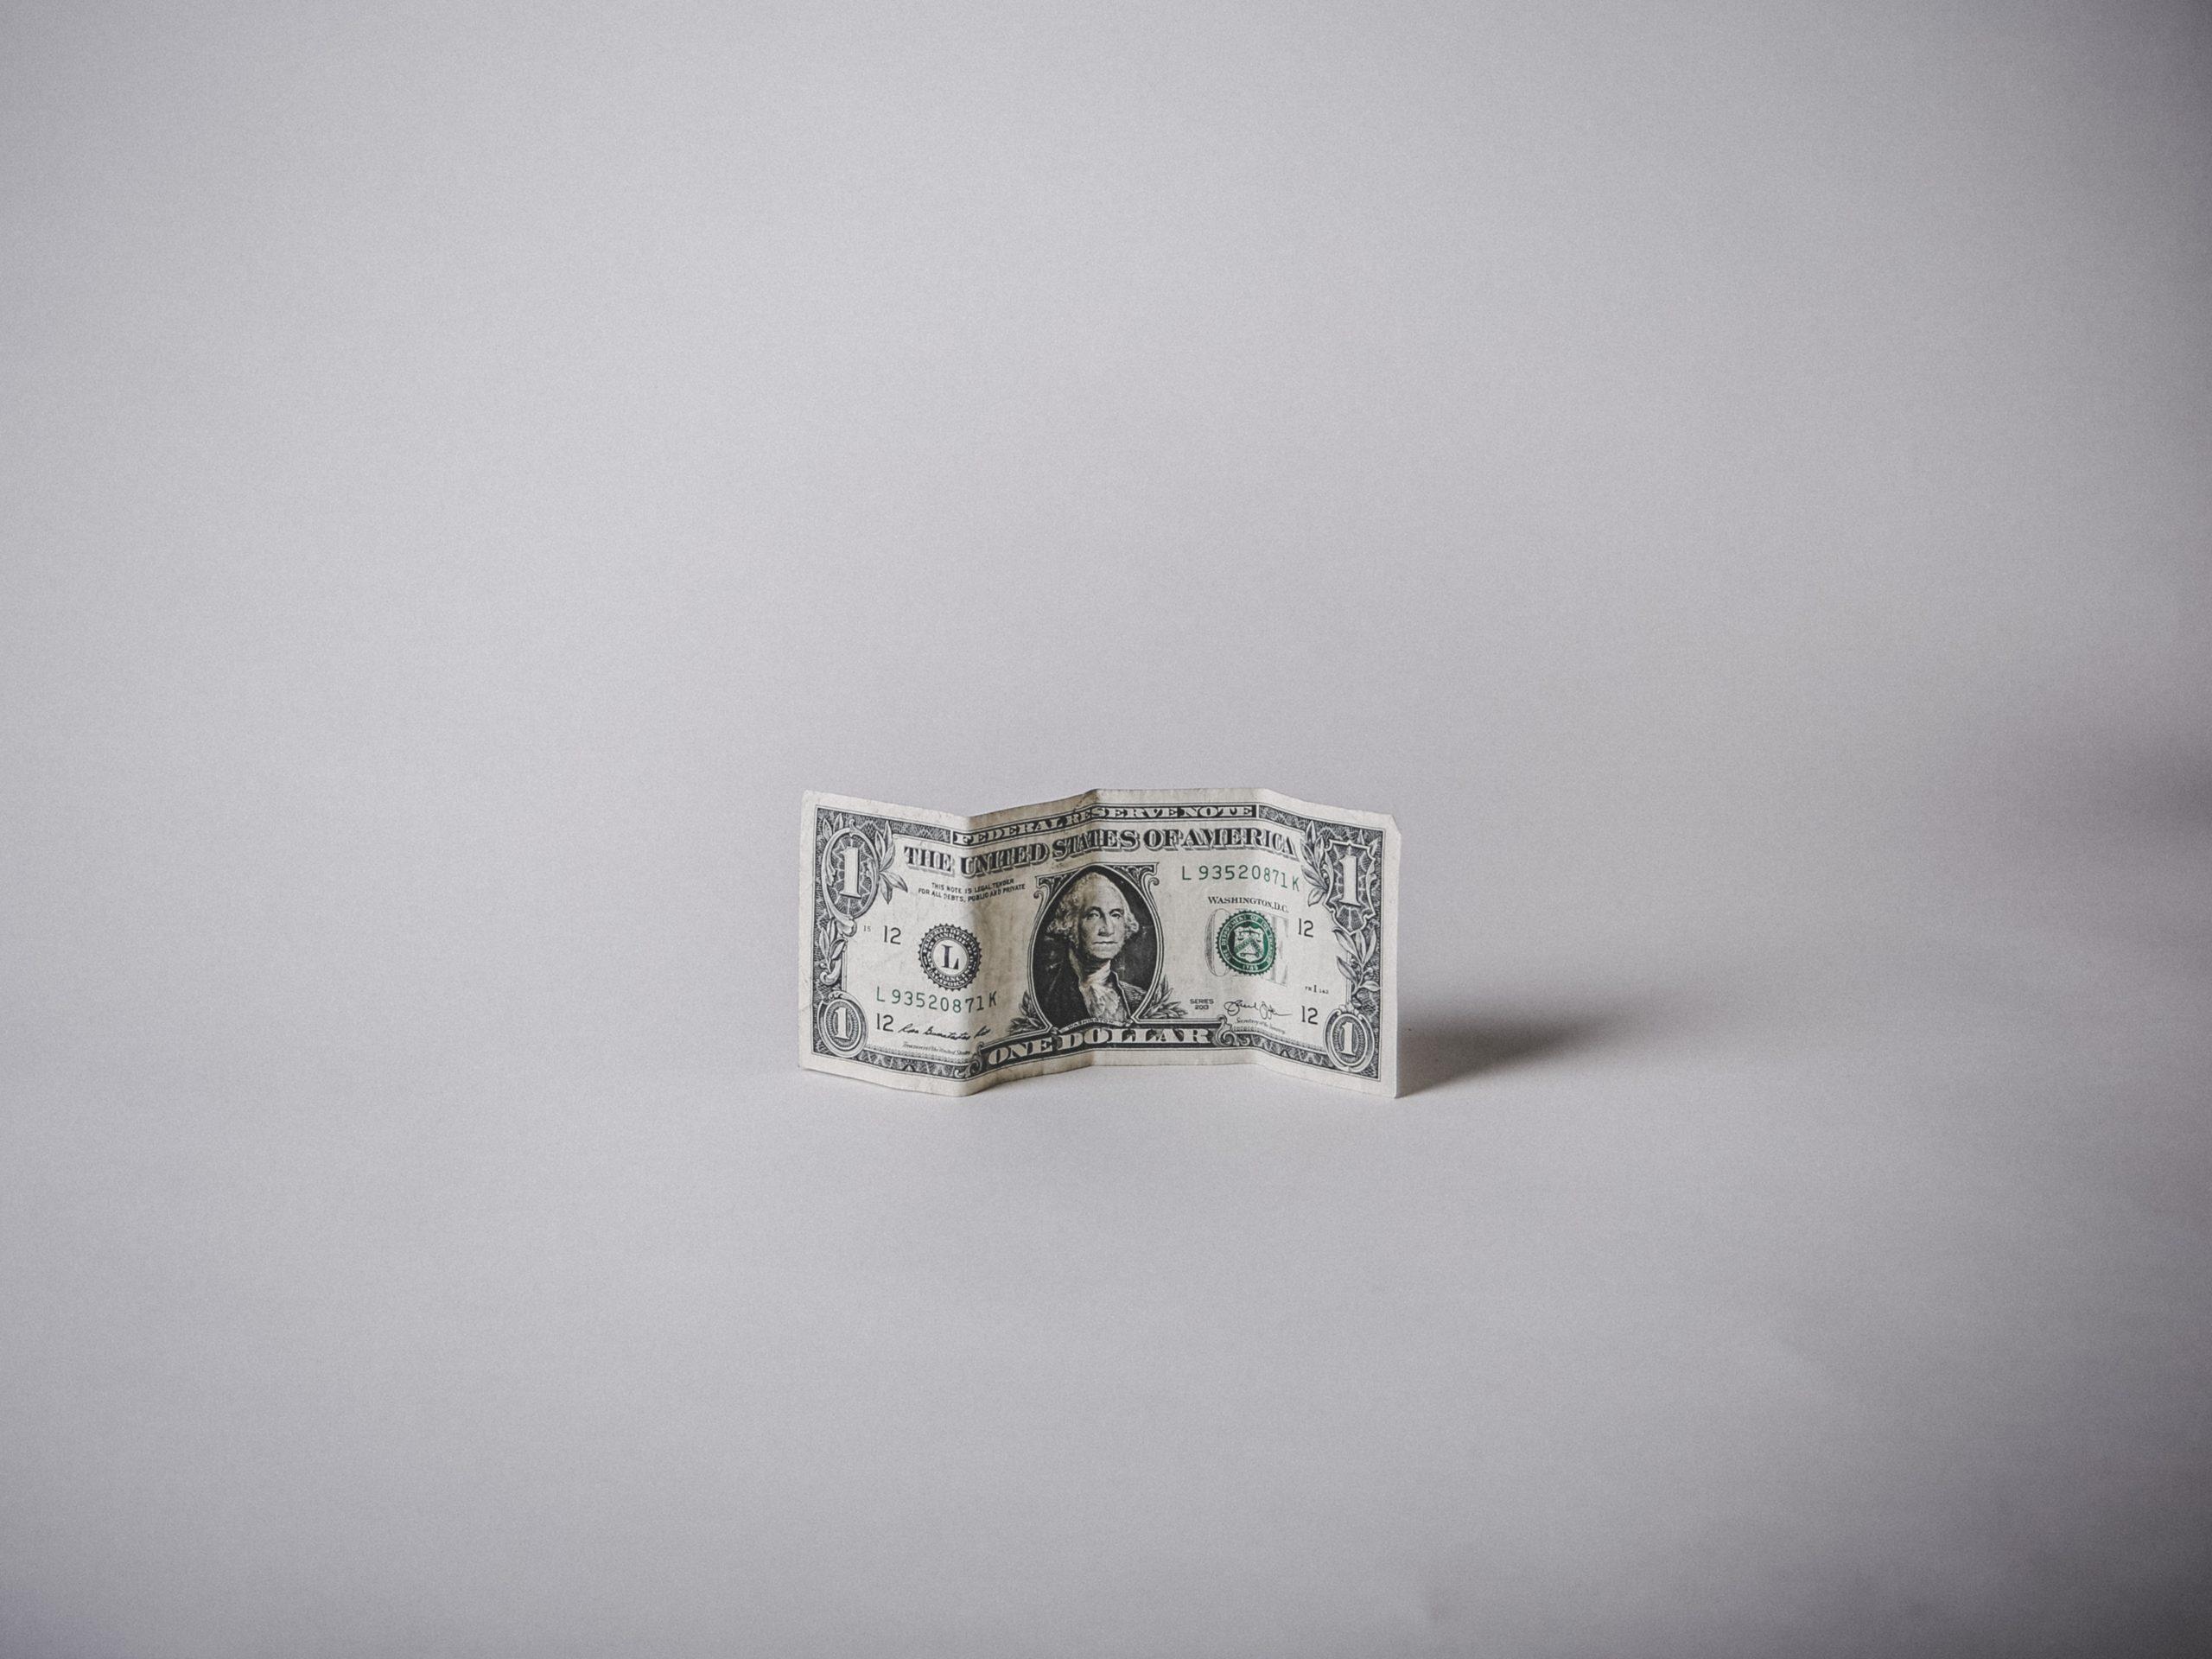 ドルコスト平均法 積立て